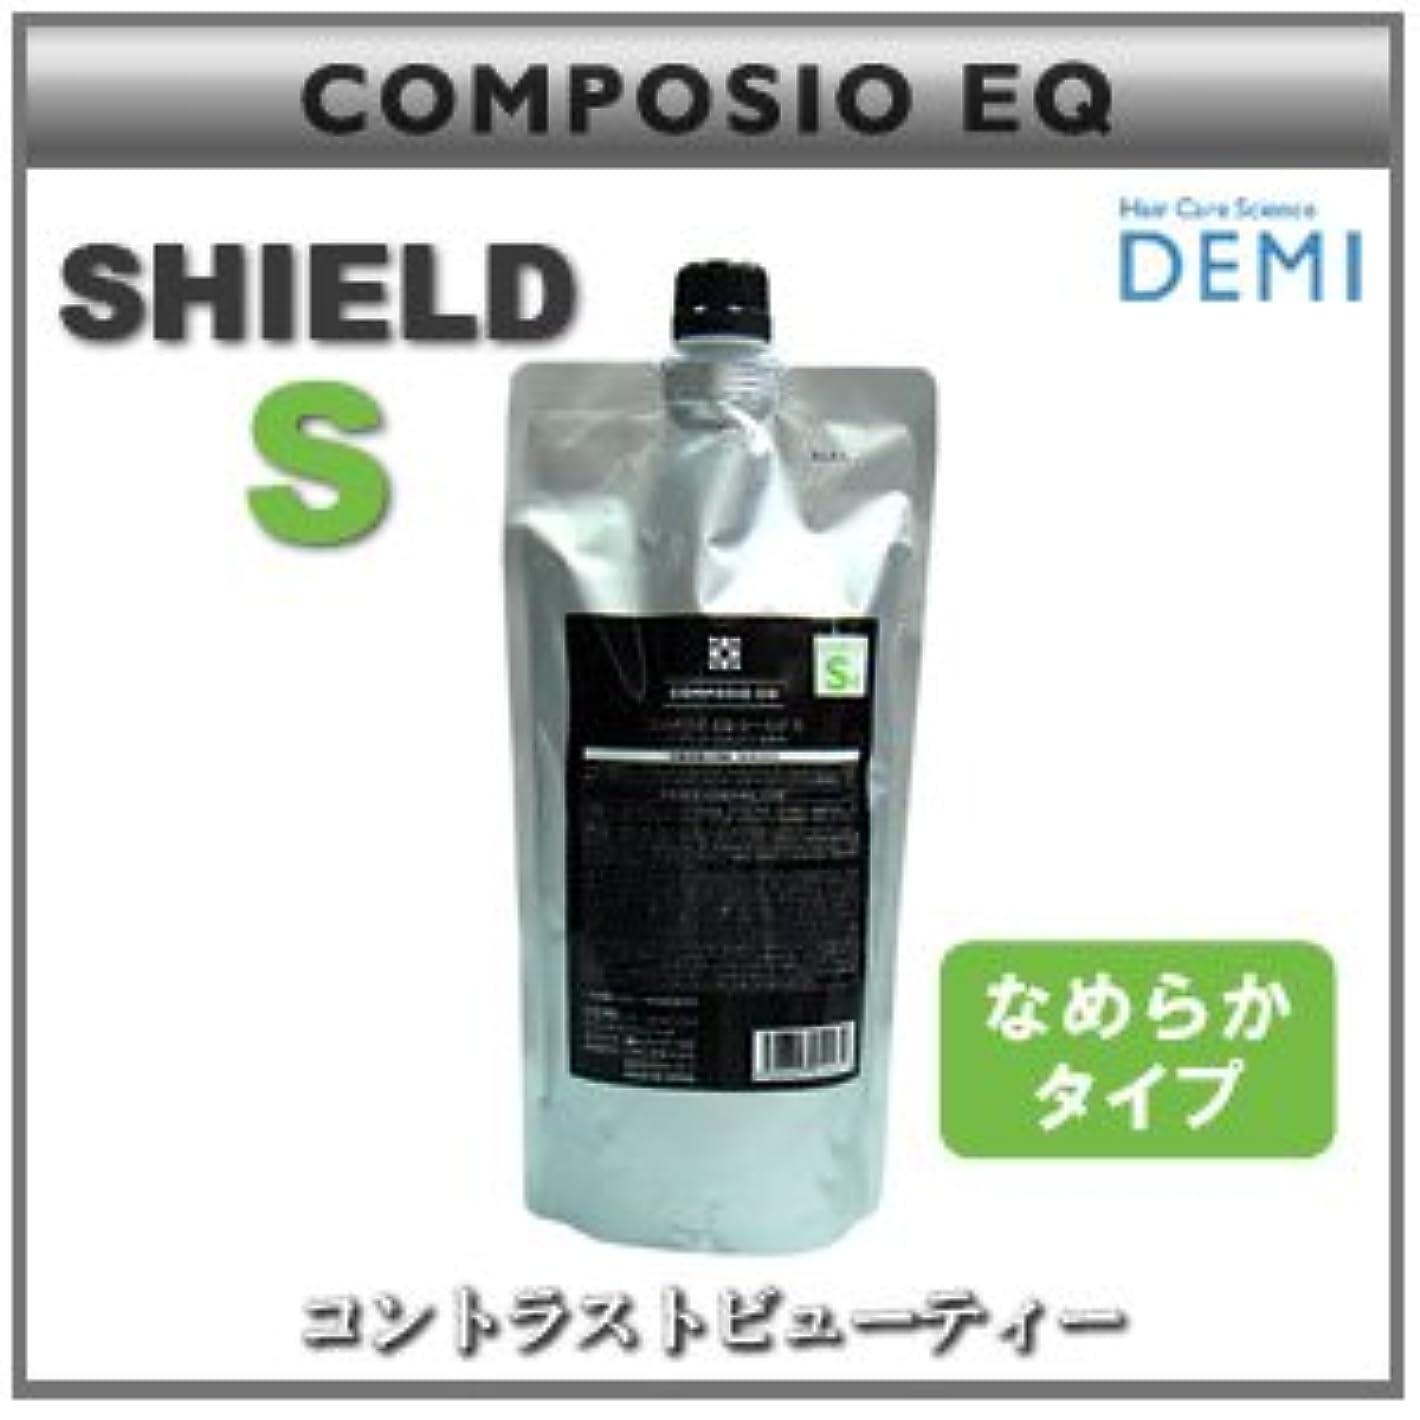 ハンディキャップ補助取り替える【X5個セット】 デミ コンポジオ EQ シールド S 450g